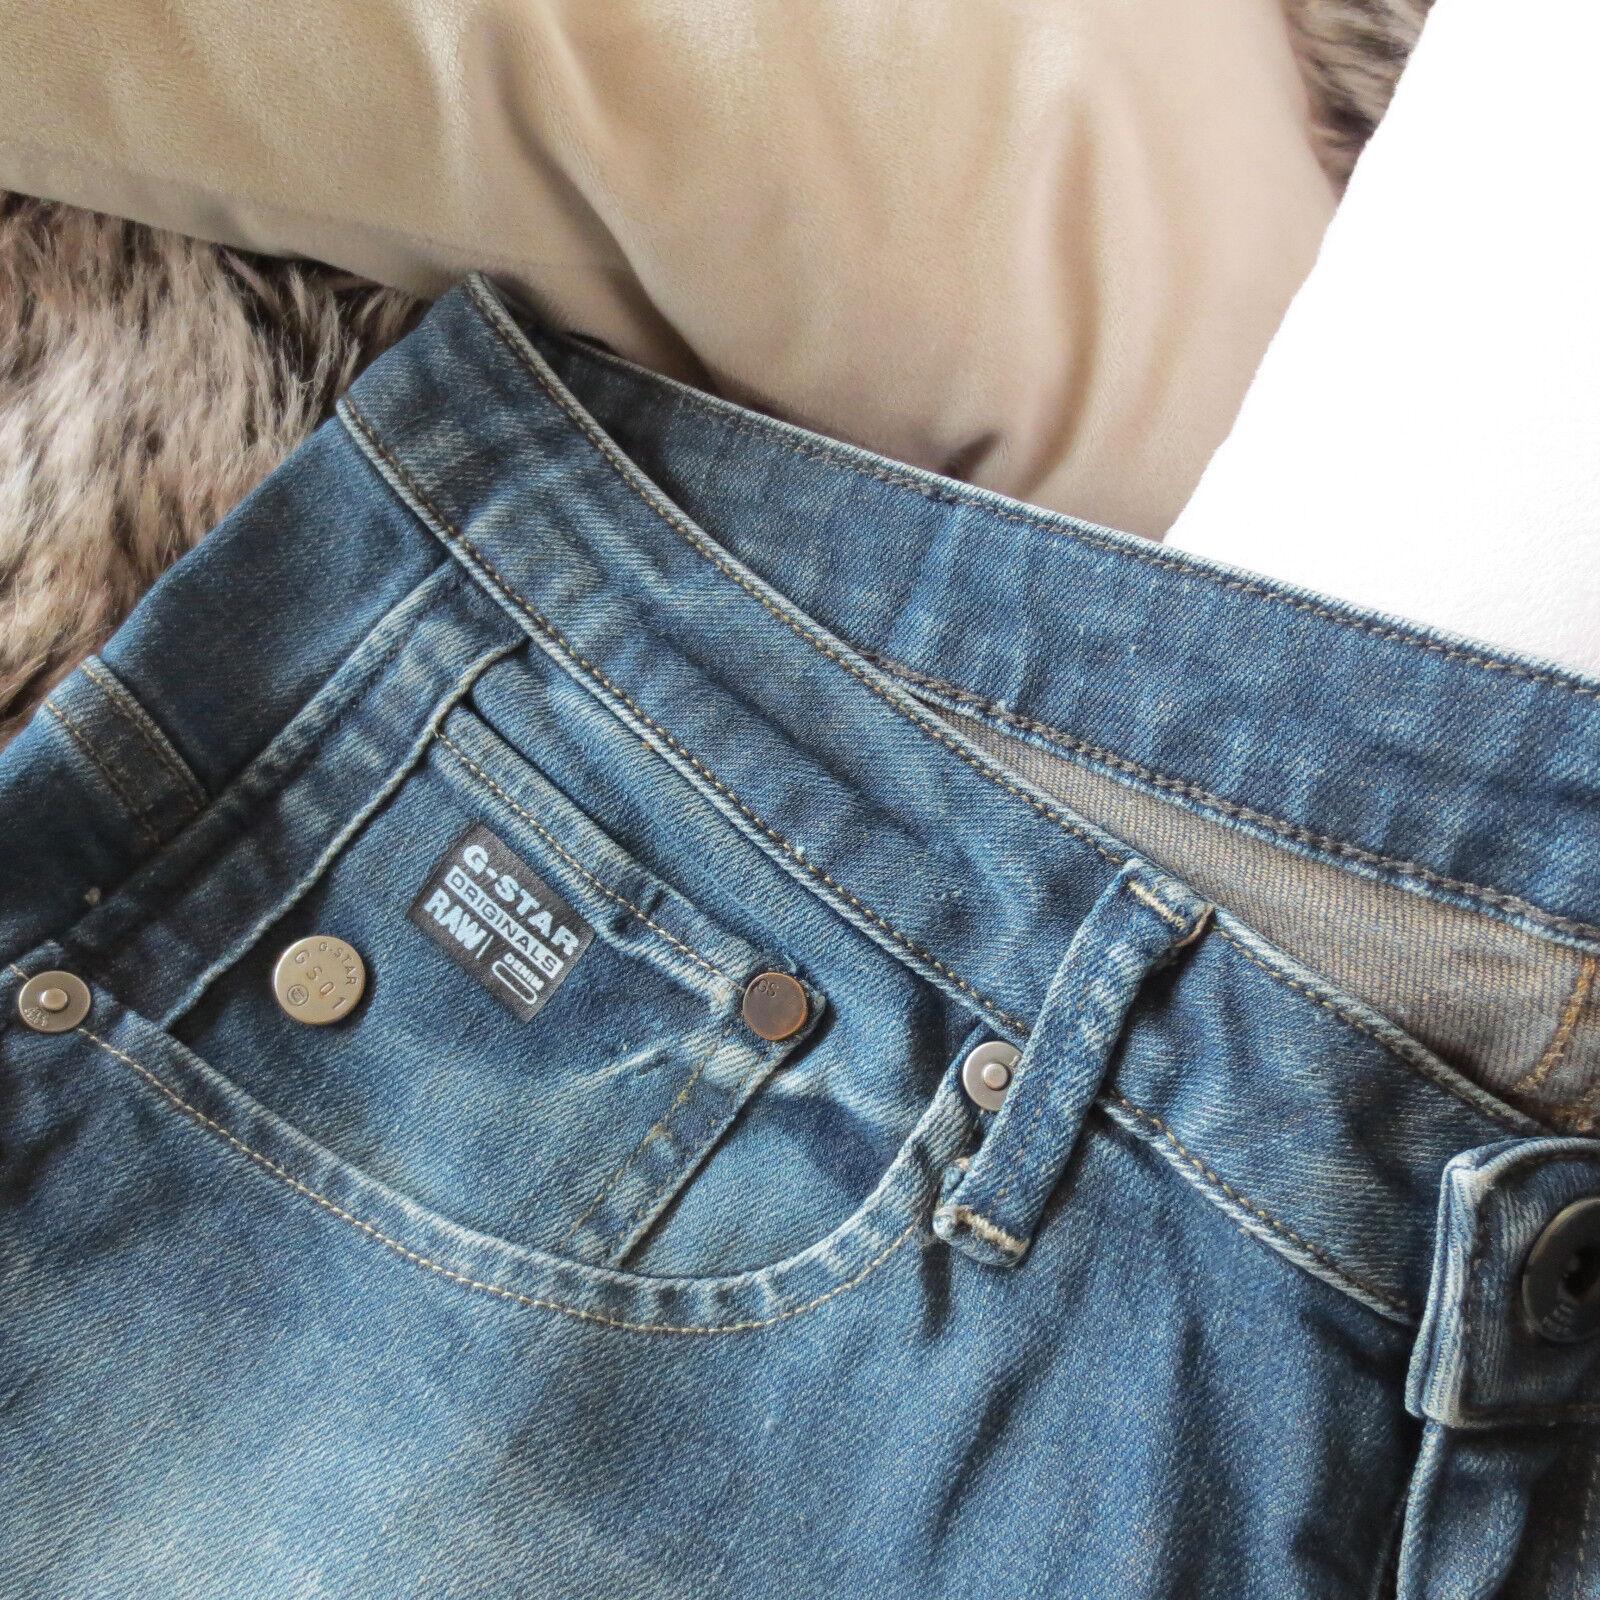 Coole  G-Star Raw, ARC ARC ARC 3D TAPErot WMN, Jeans, Gr.29 32, raw denim. | Gewinnen Sie das Lob der Kunden  | Heißer Verkauf  | Lebhaft  | Großartig  | Schenken Sie Ihrem Kind eine glückliche Kindheit  e282a9